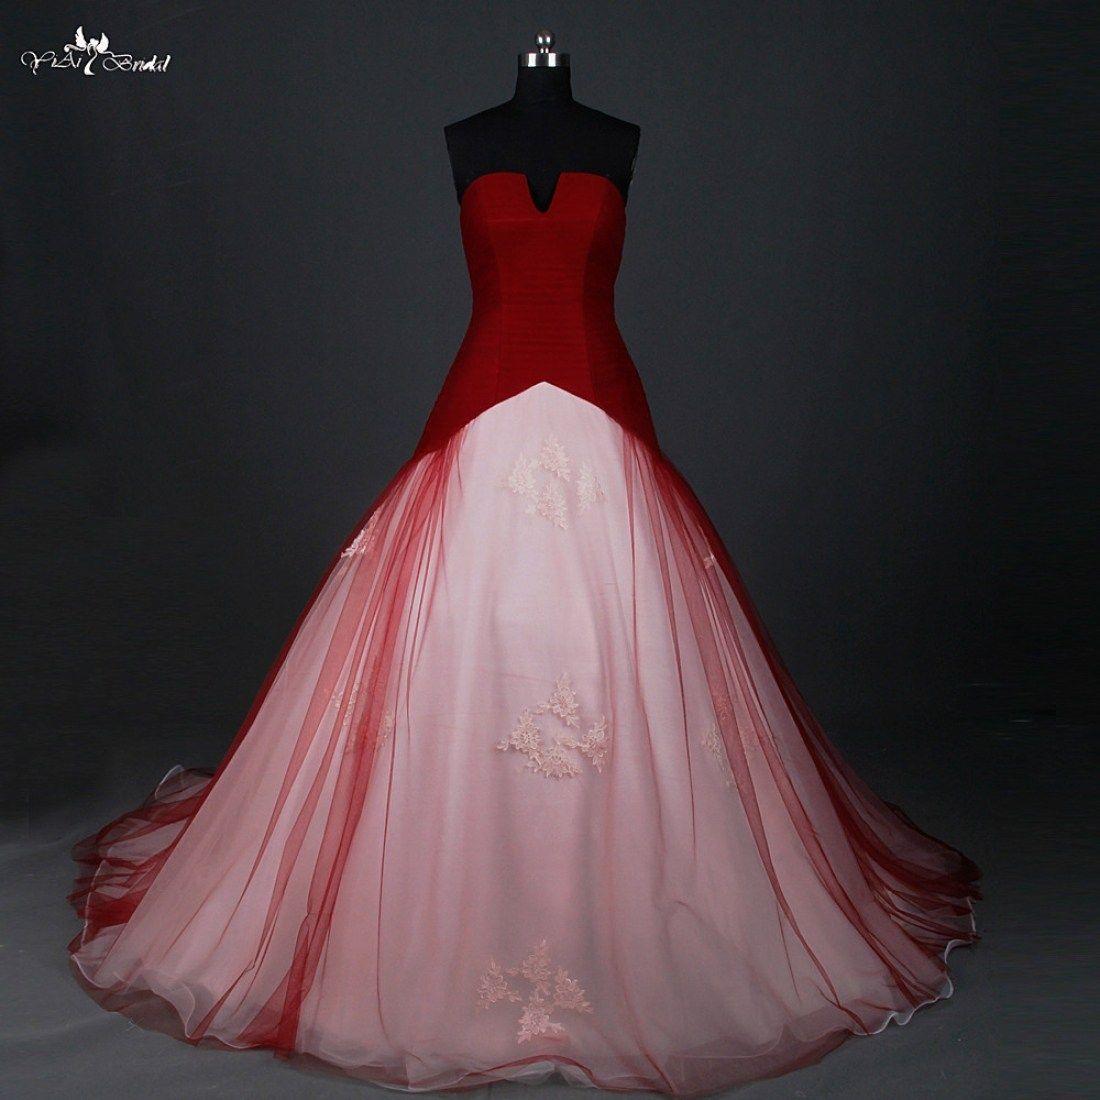 Aus #Brautkleid #Buy #China #Für #Inspiration #online #rotes